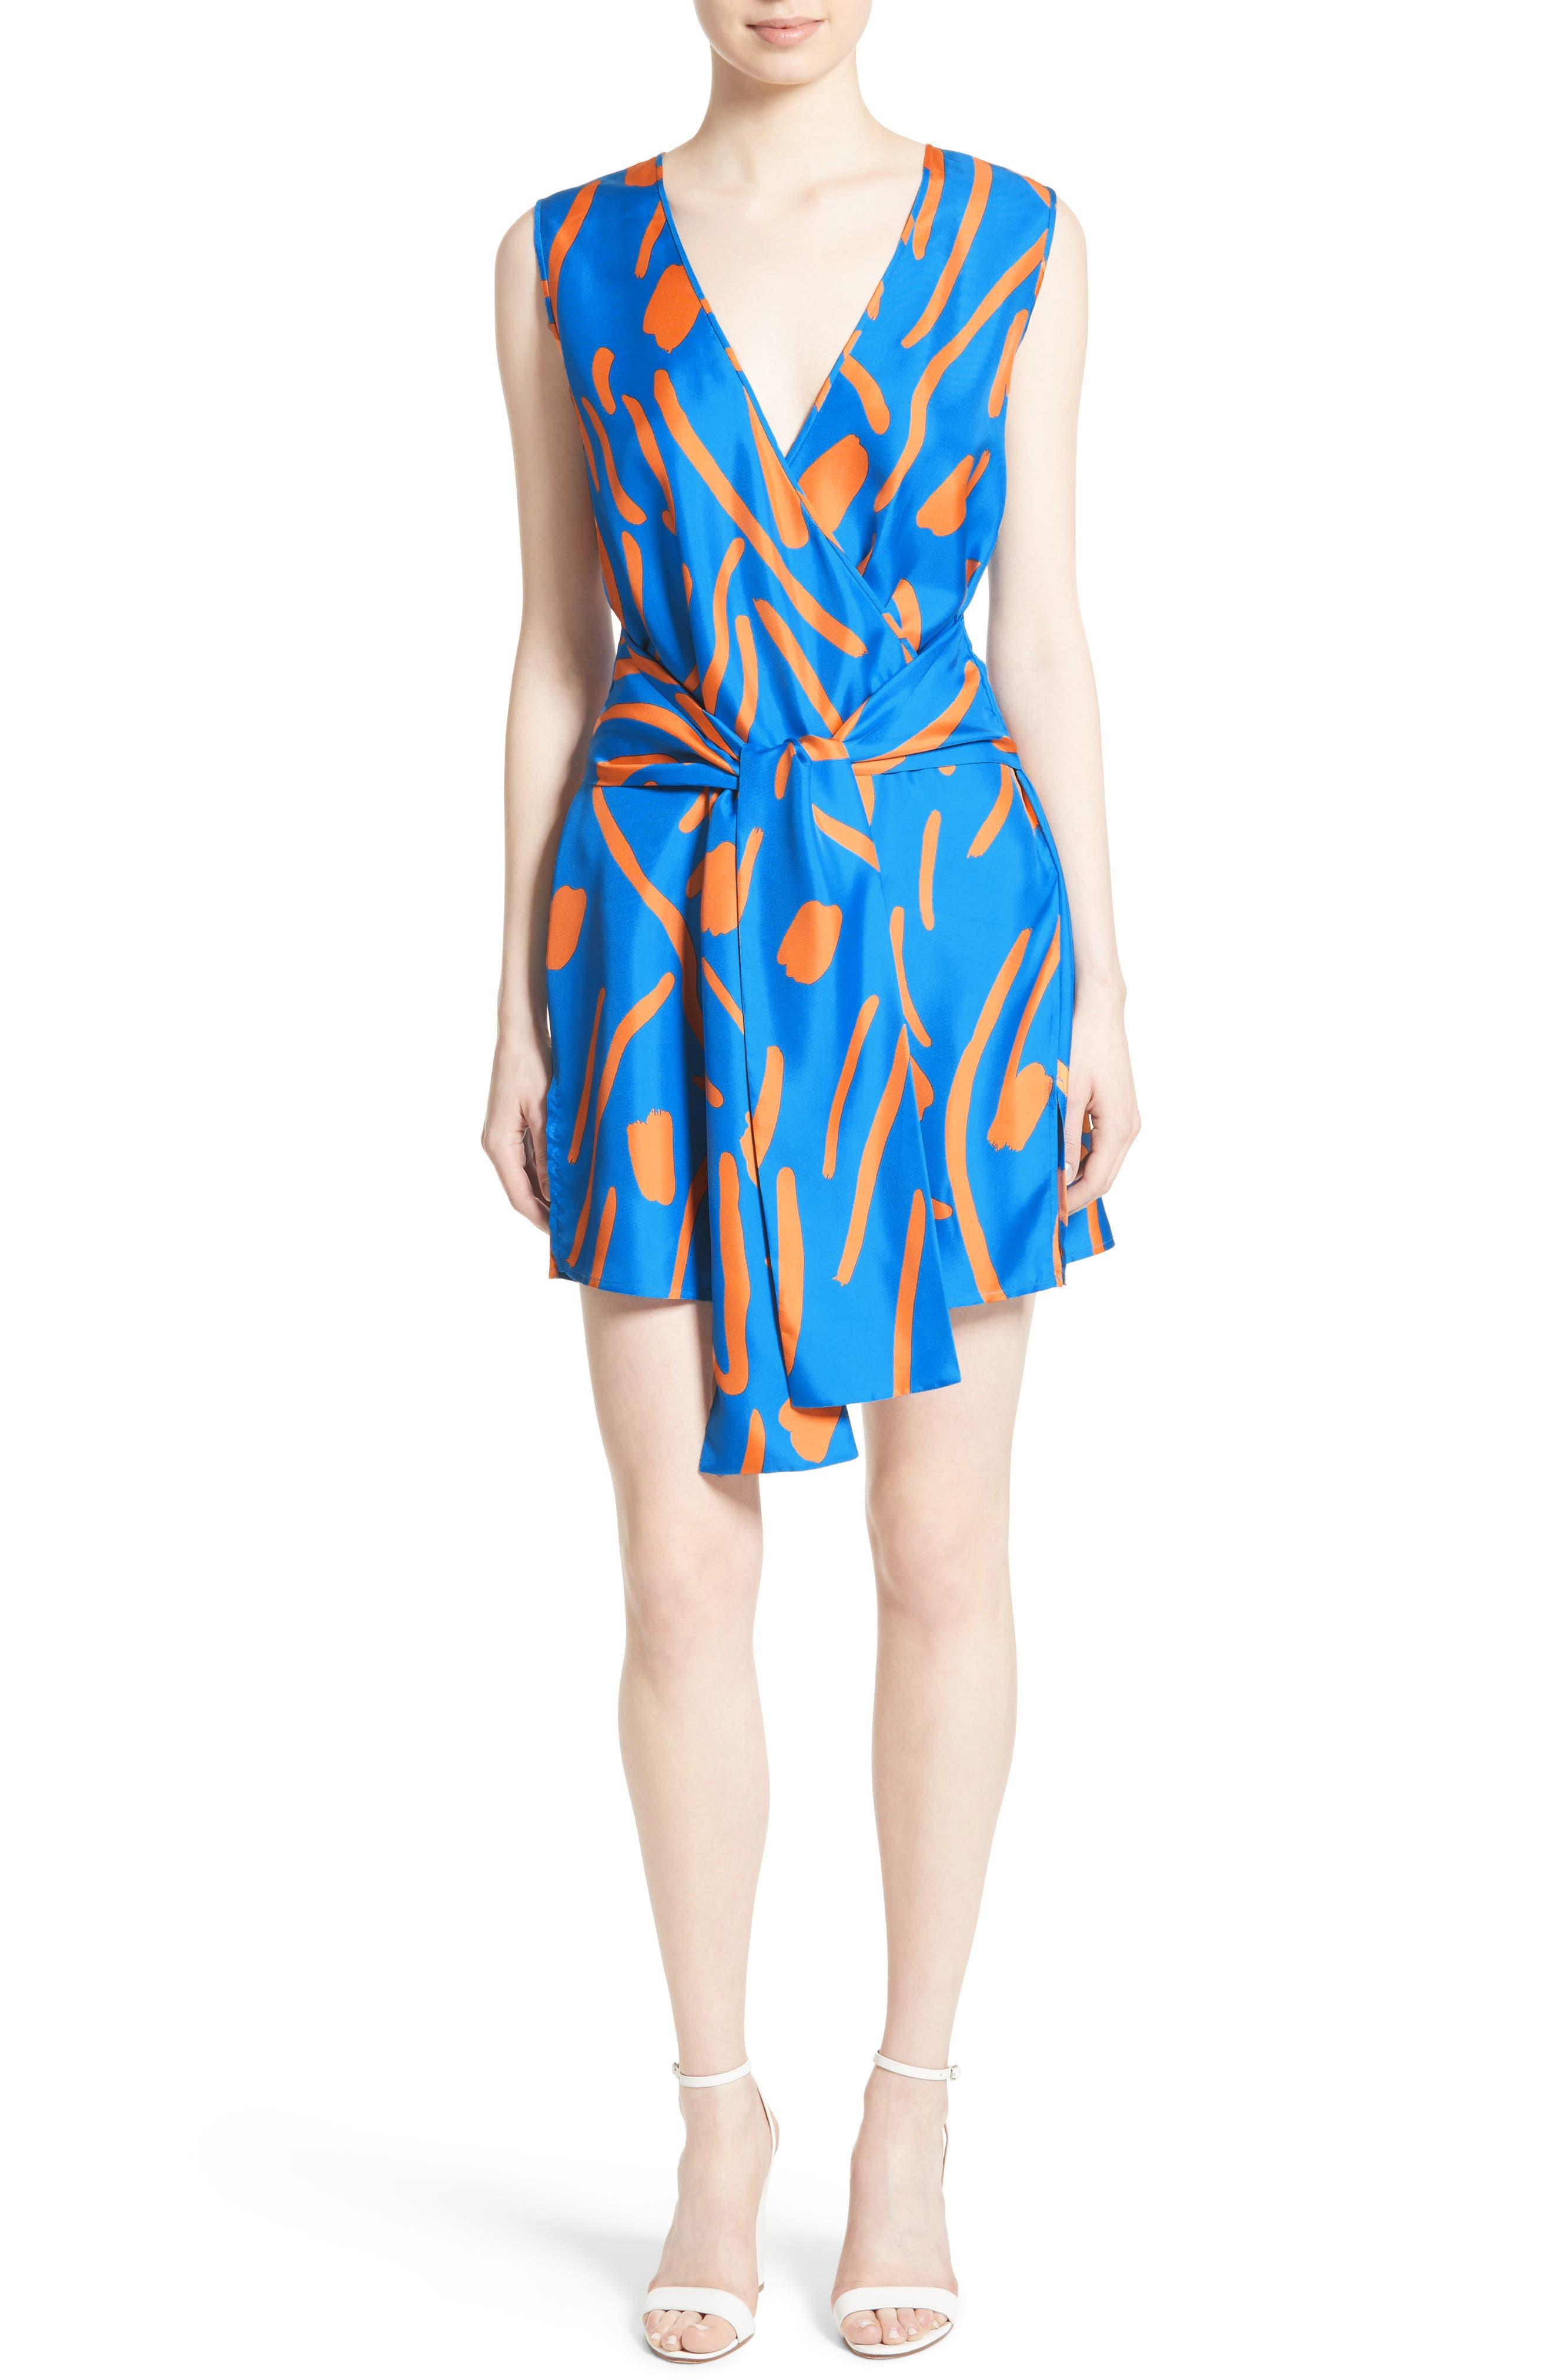 DIANE VON FURSTENBERG, Tie Front Faux Wrap Silk Dress, Main thumbnail 1, color, 494